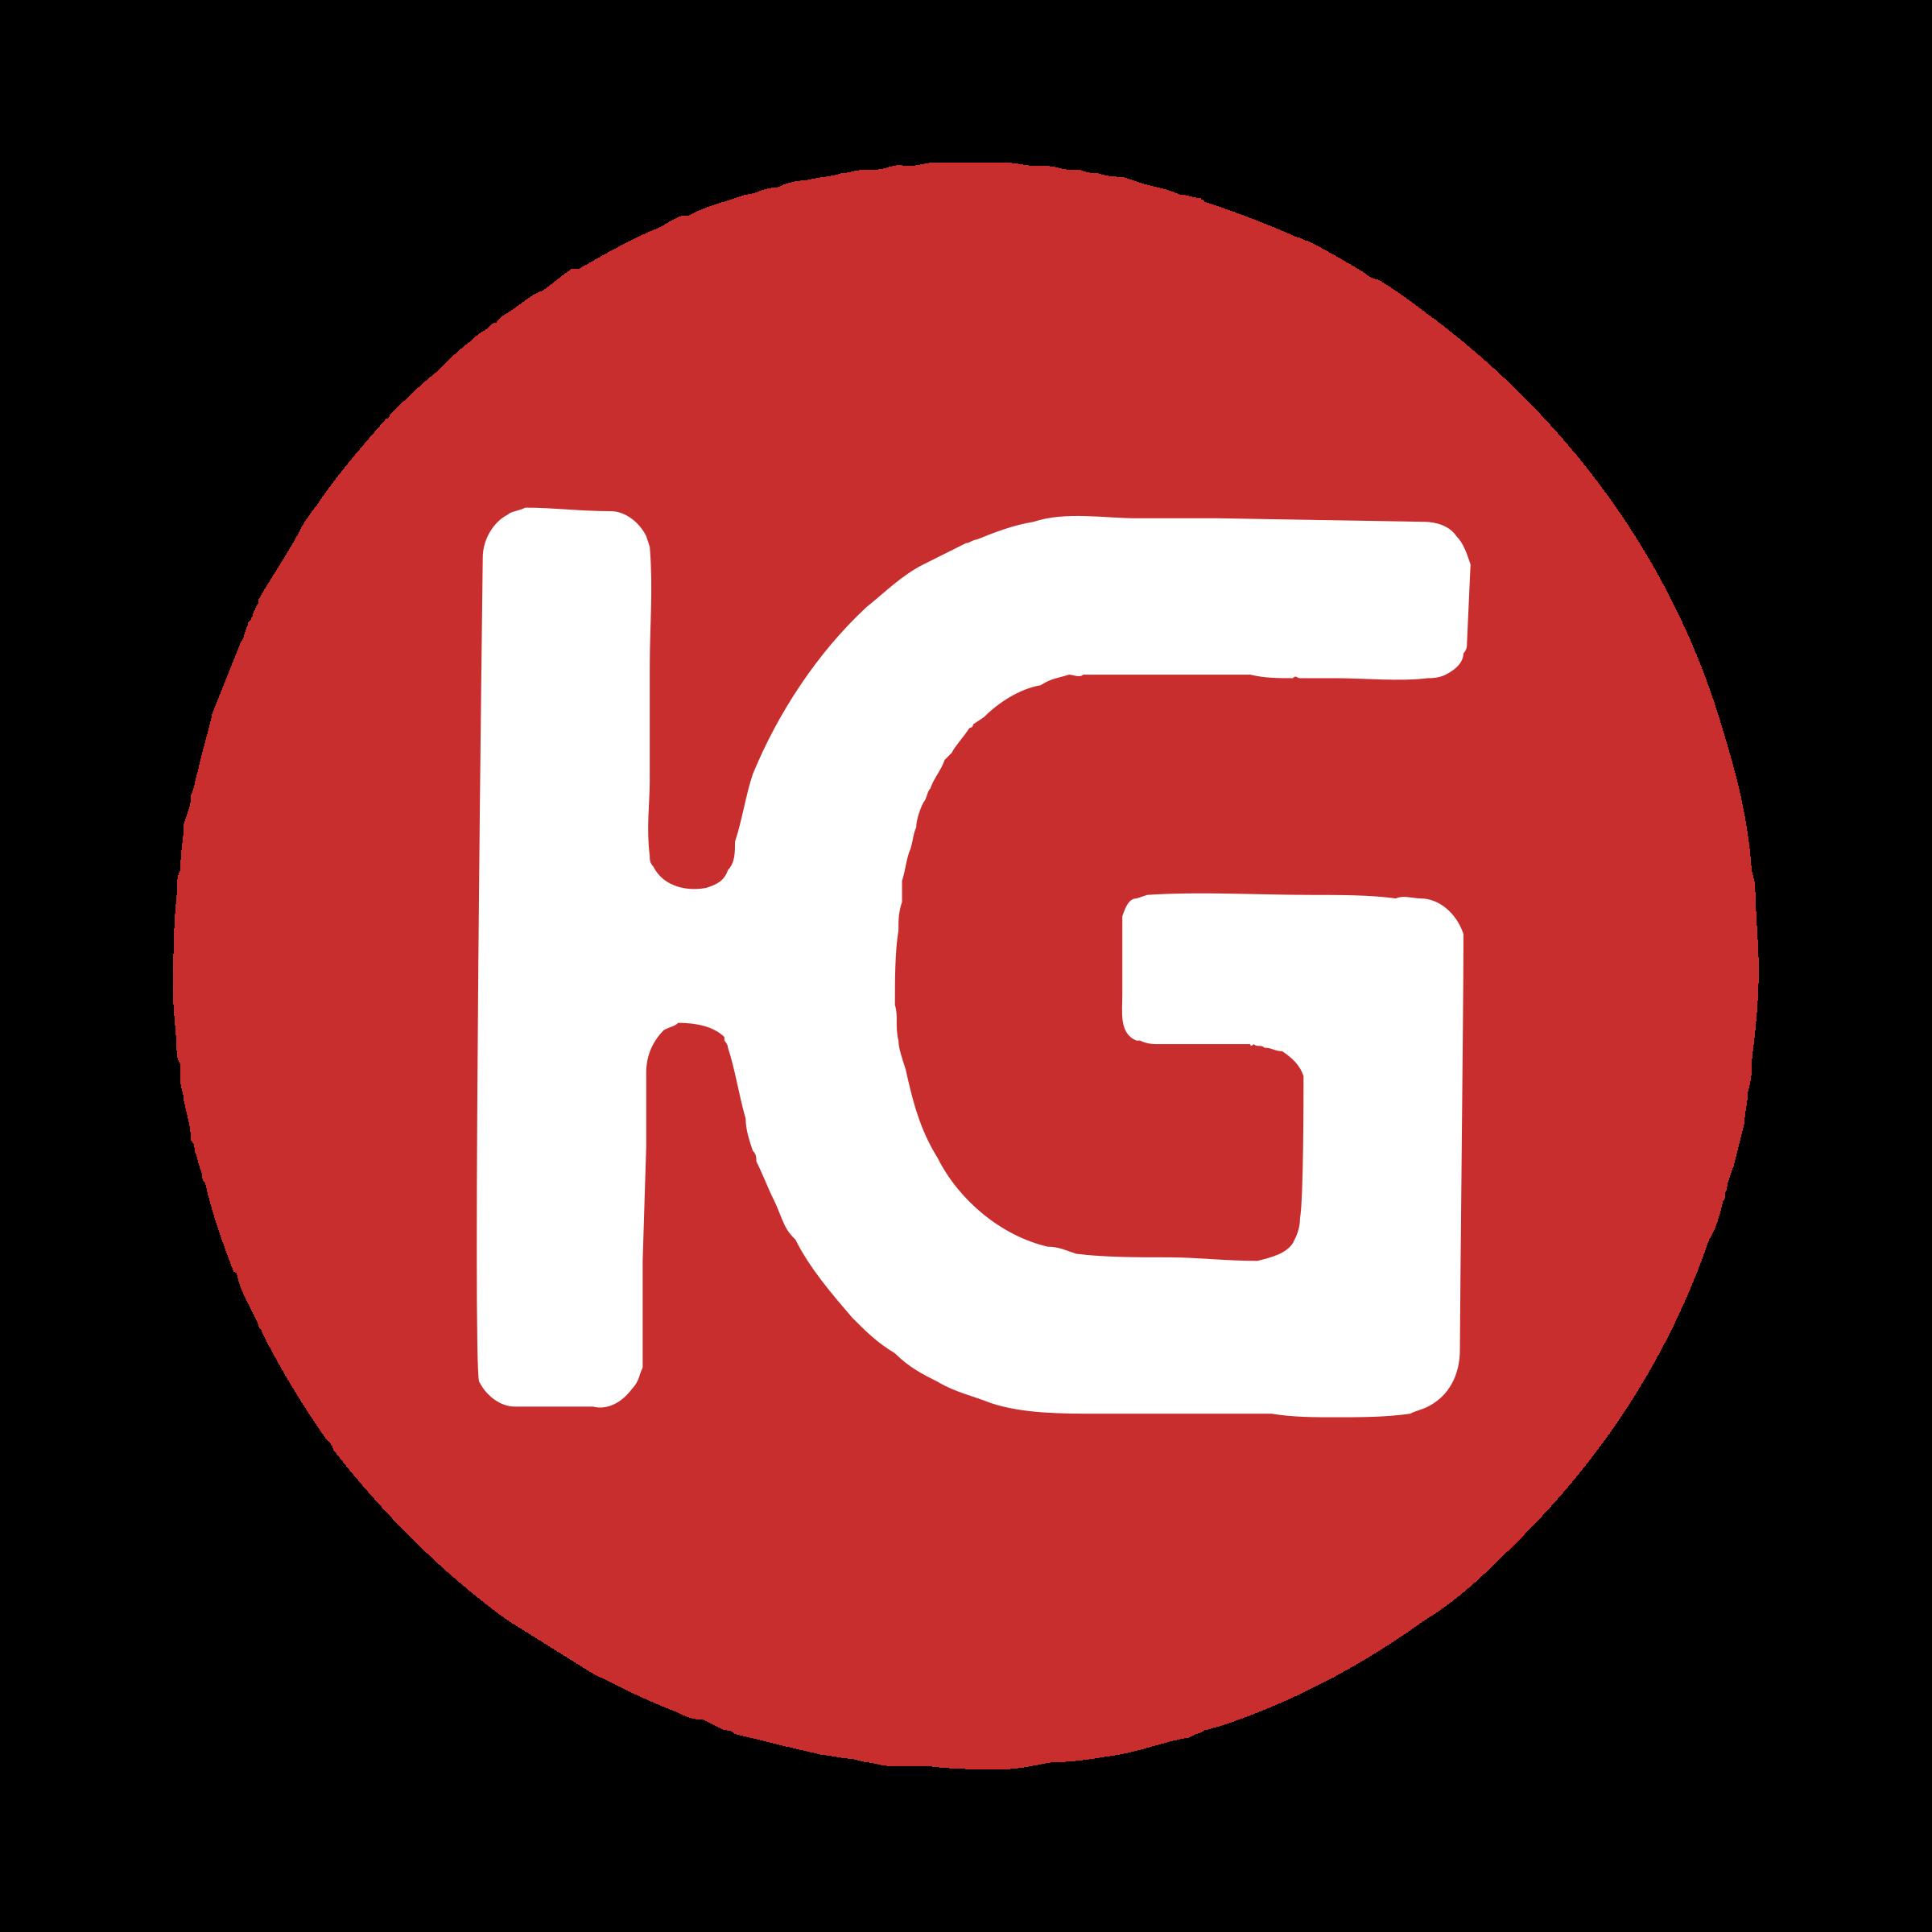 IG Logo PNG Transparent & SVG Vector.